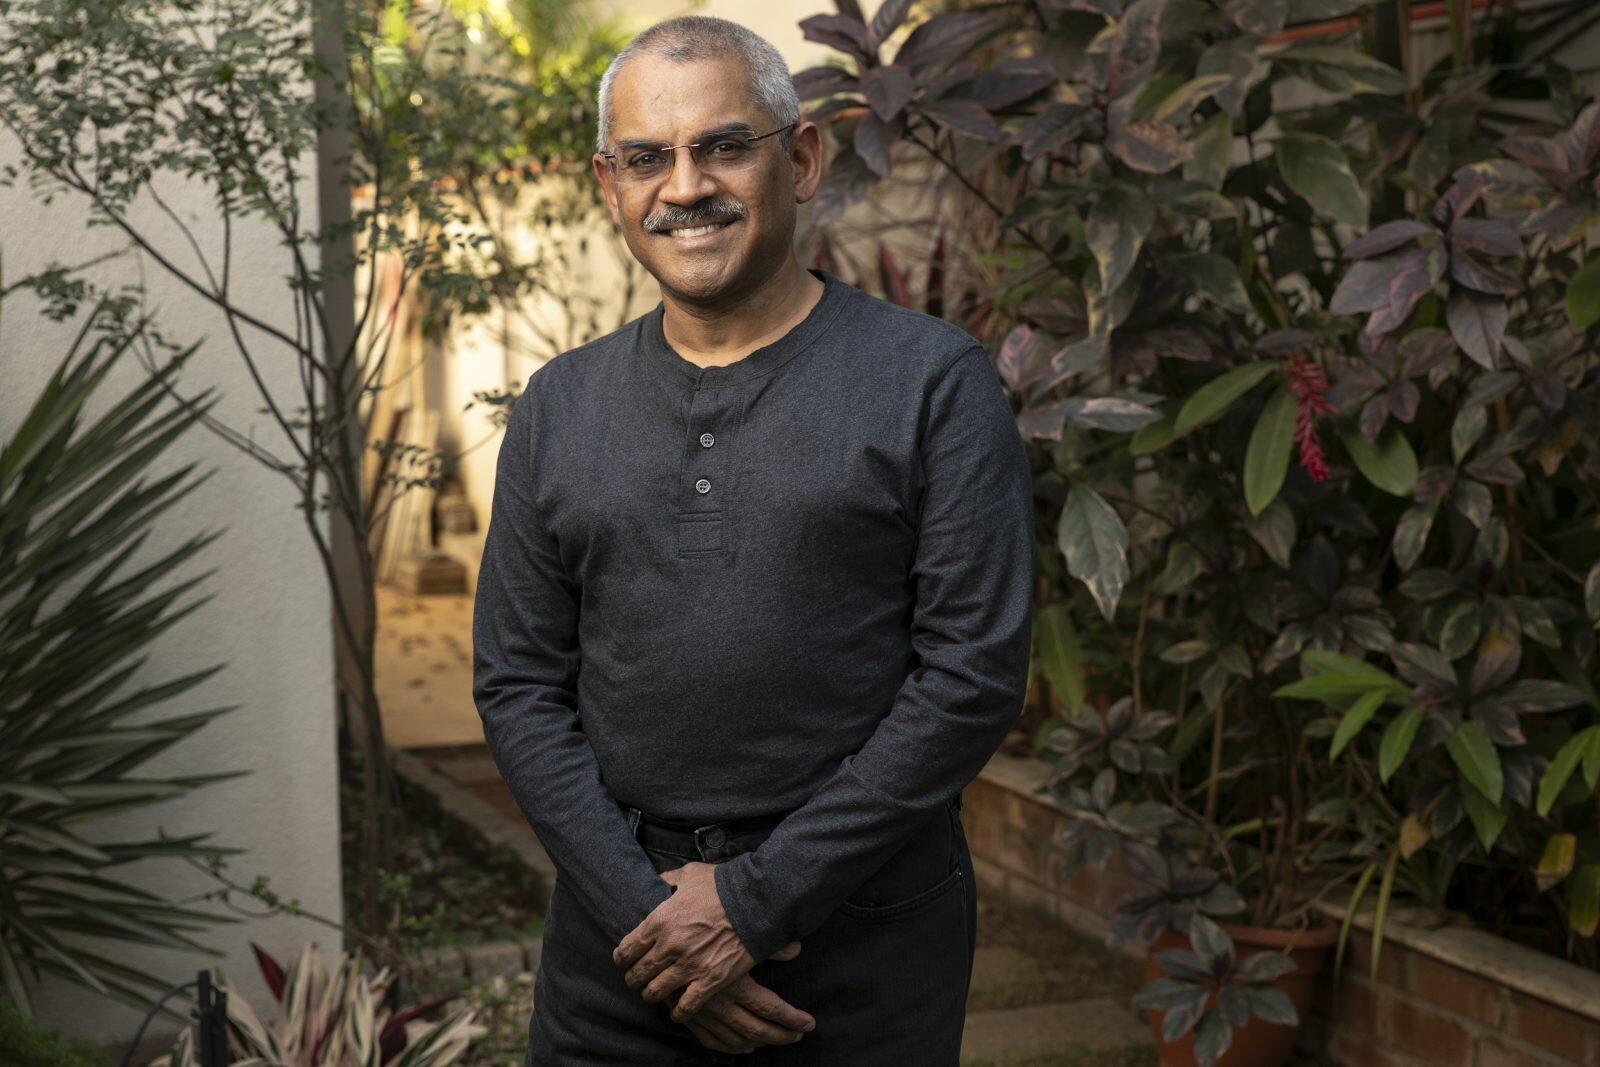 Побудували бізнес на «скинутих» викликах: історія індійського телефонного сервісу ZipDial - tech, news, story, business